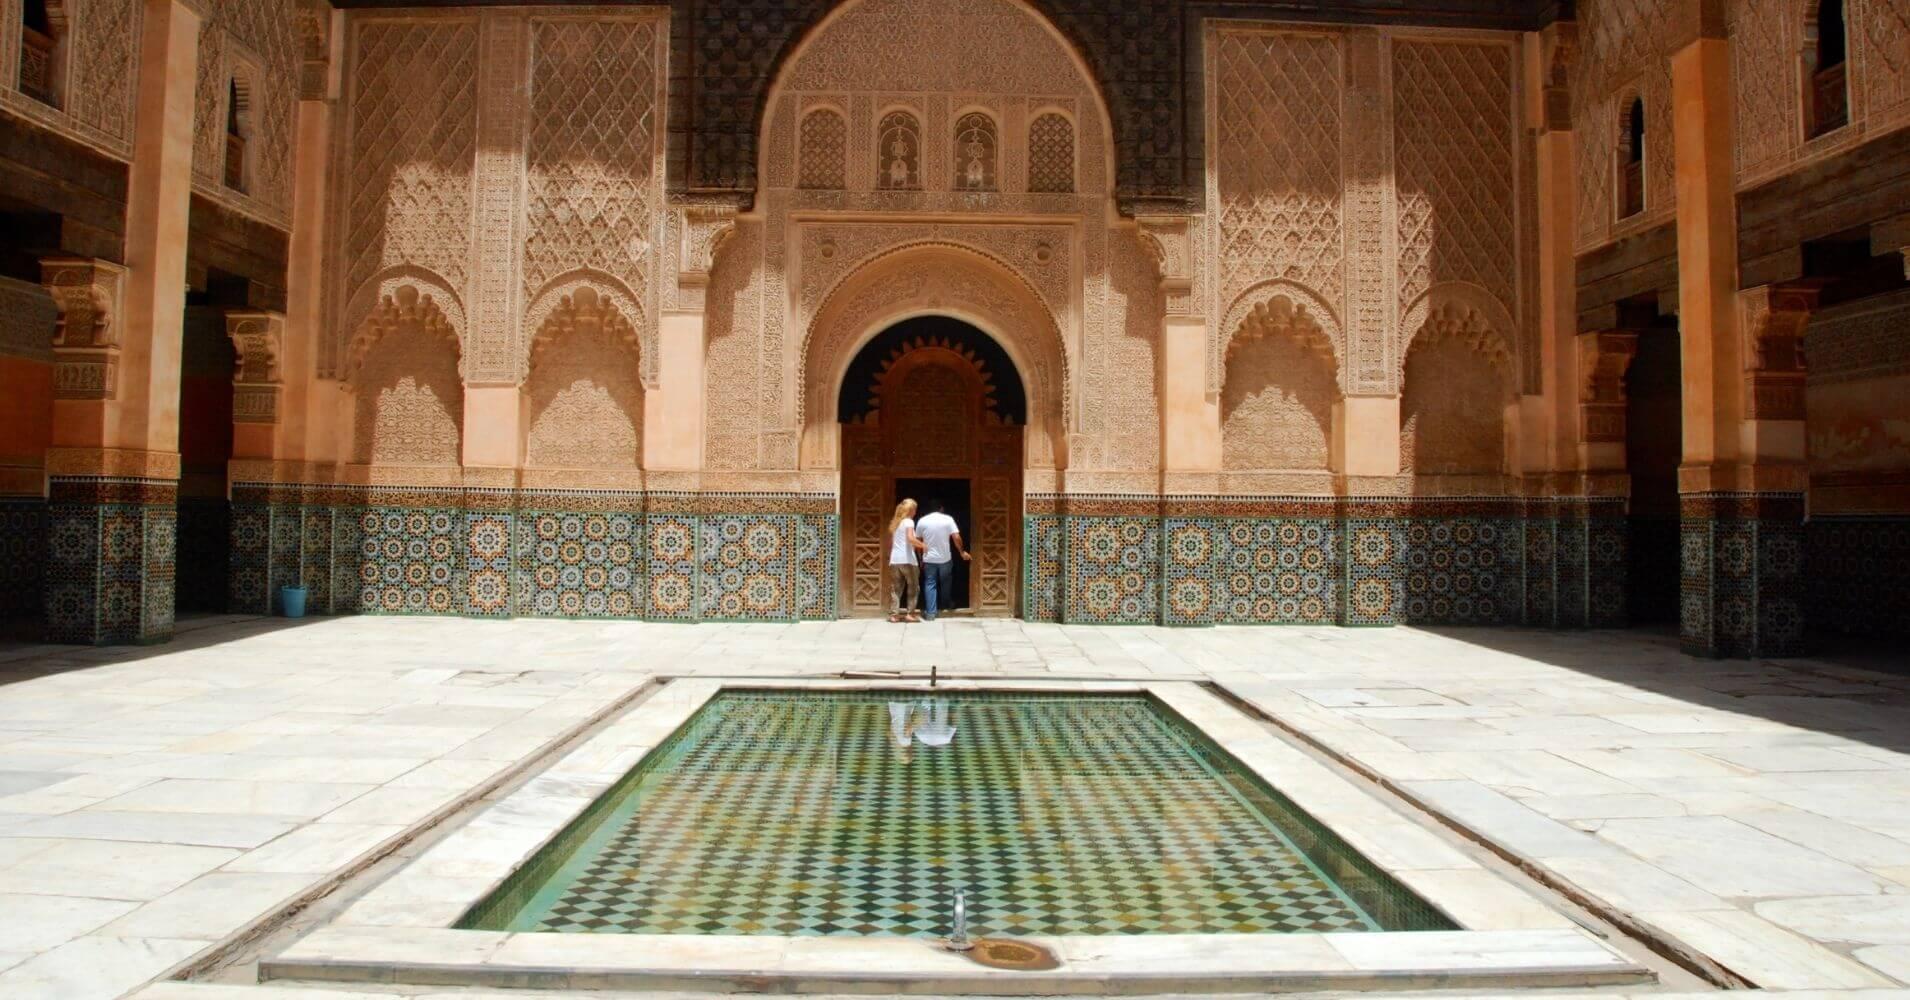 Madrasa de Ben Youssef, Marruecos.